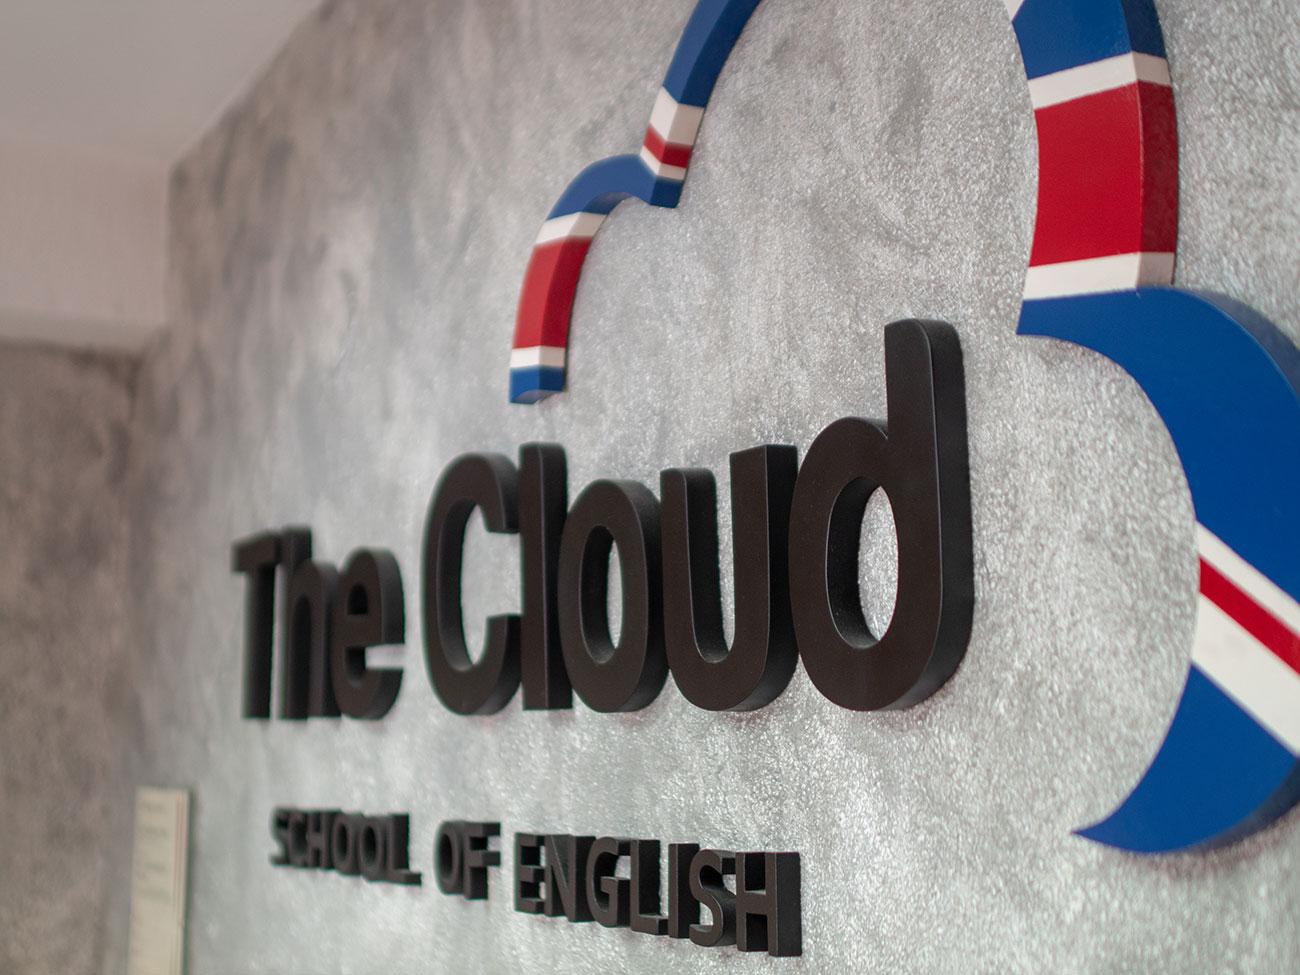 Precios y condiciones The Cloud